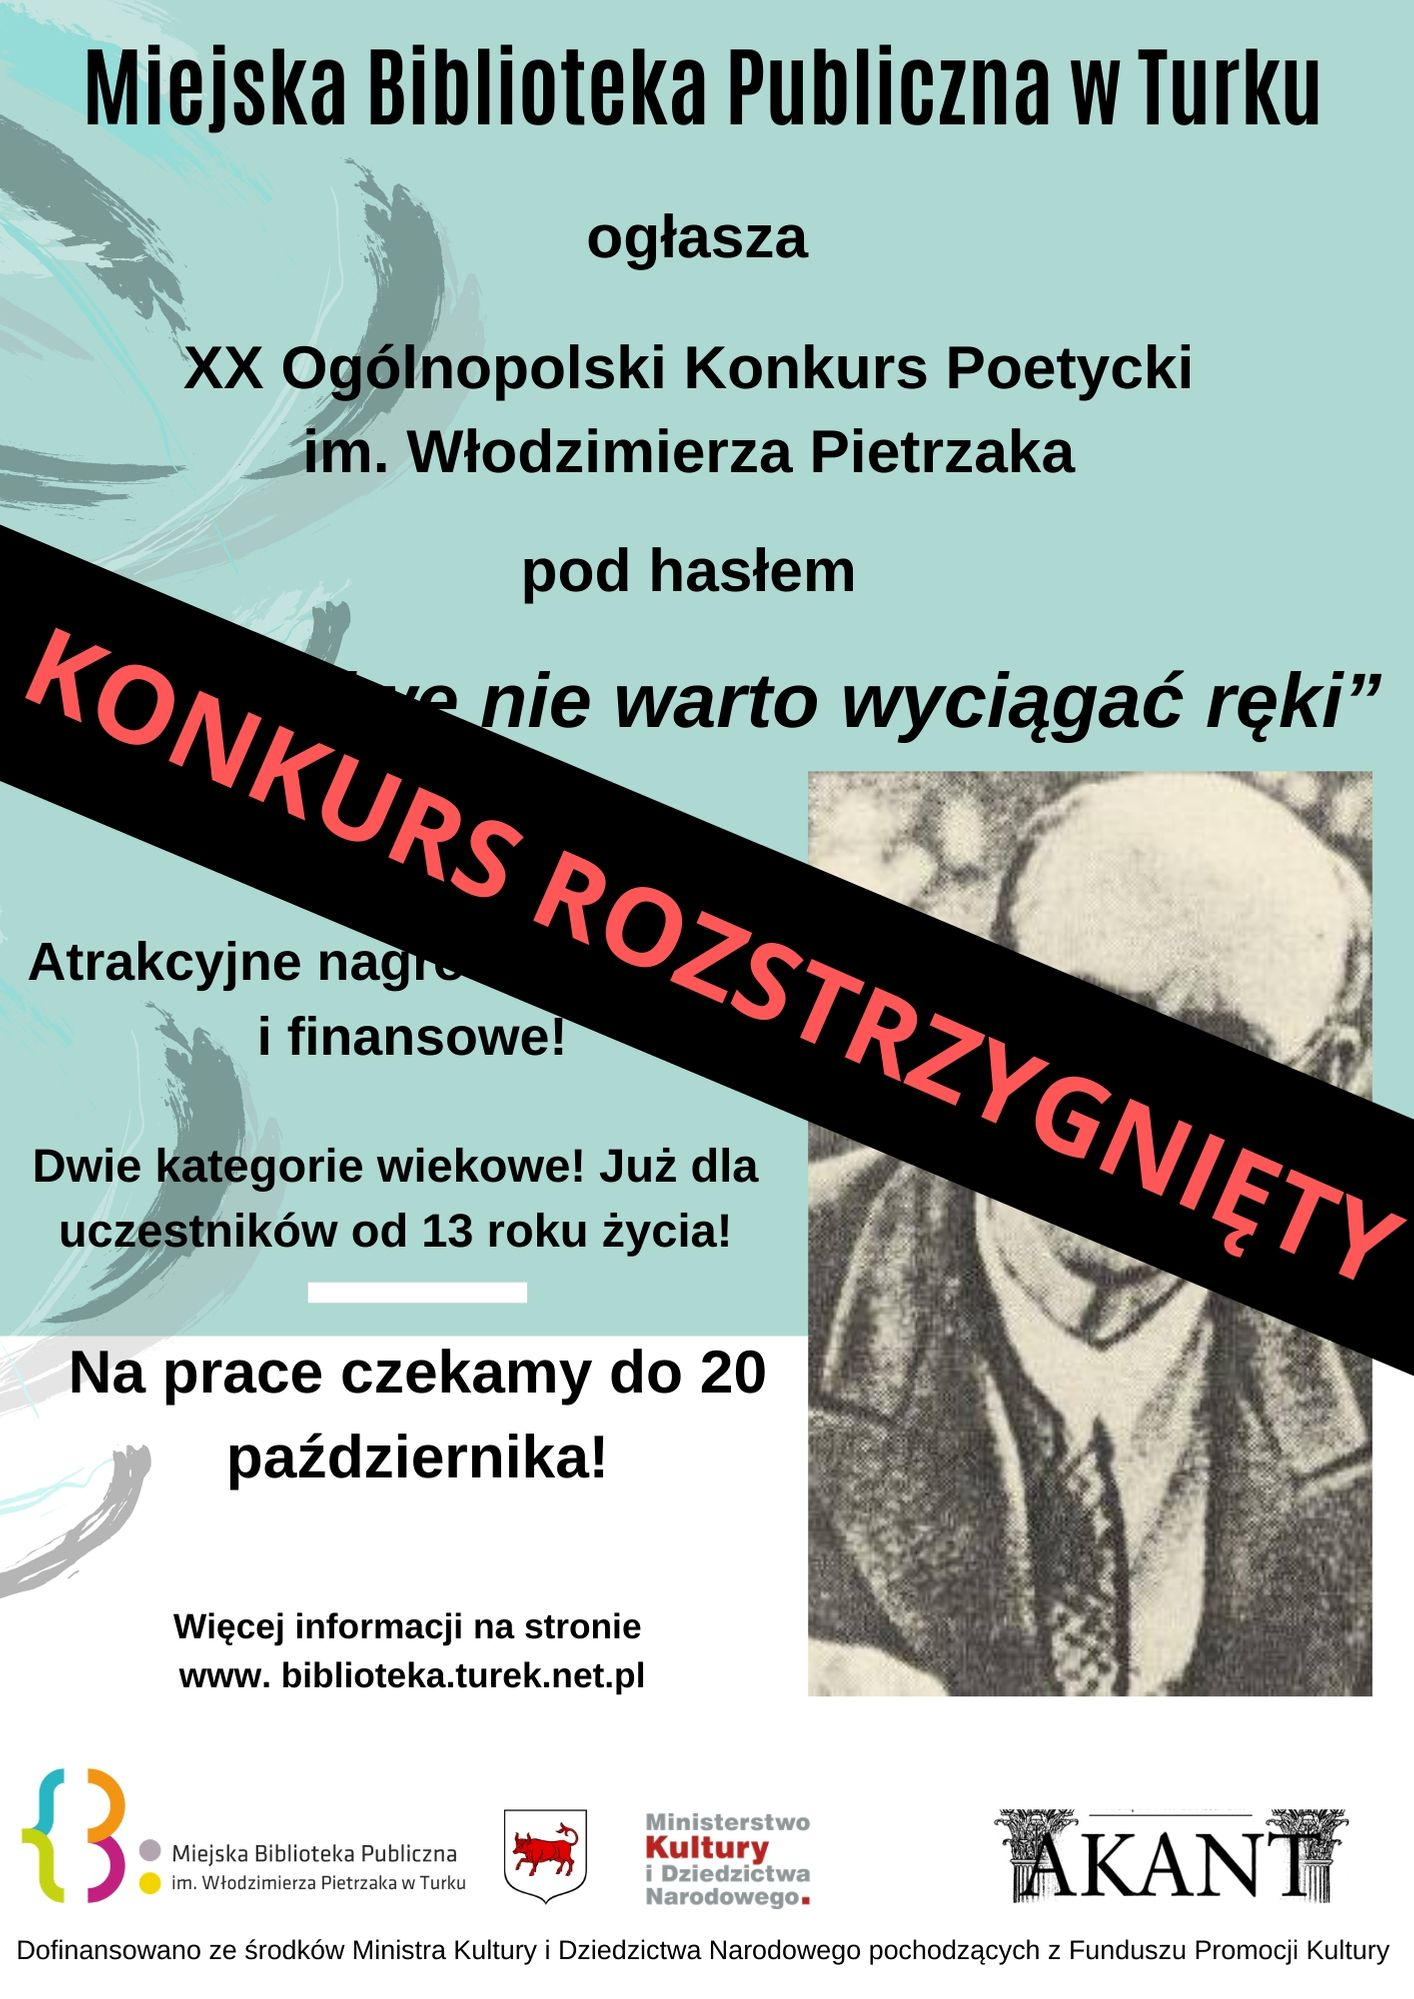 Czytaj więcej o: XX Ogólnopolski Konkurs Poetycki im. Włodzimierza Pietrzaka rozstrzygnięty